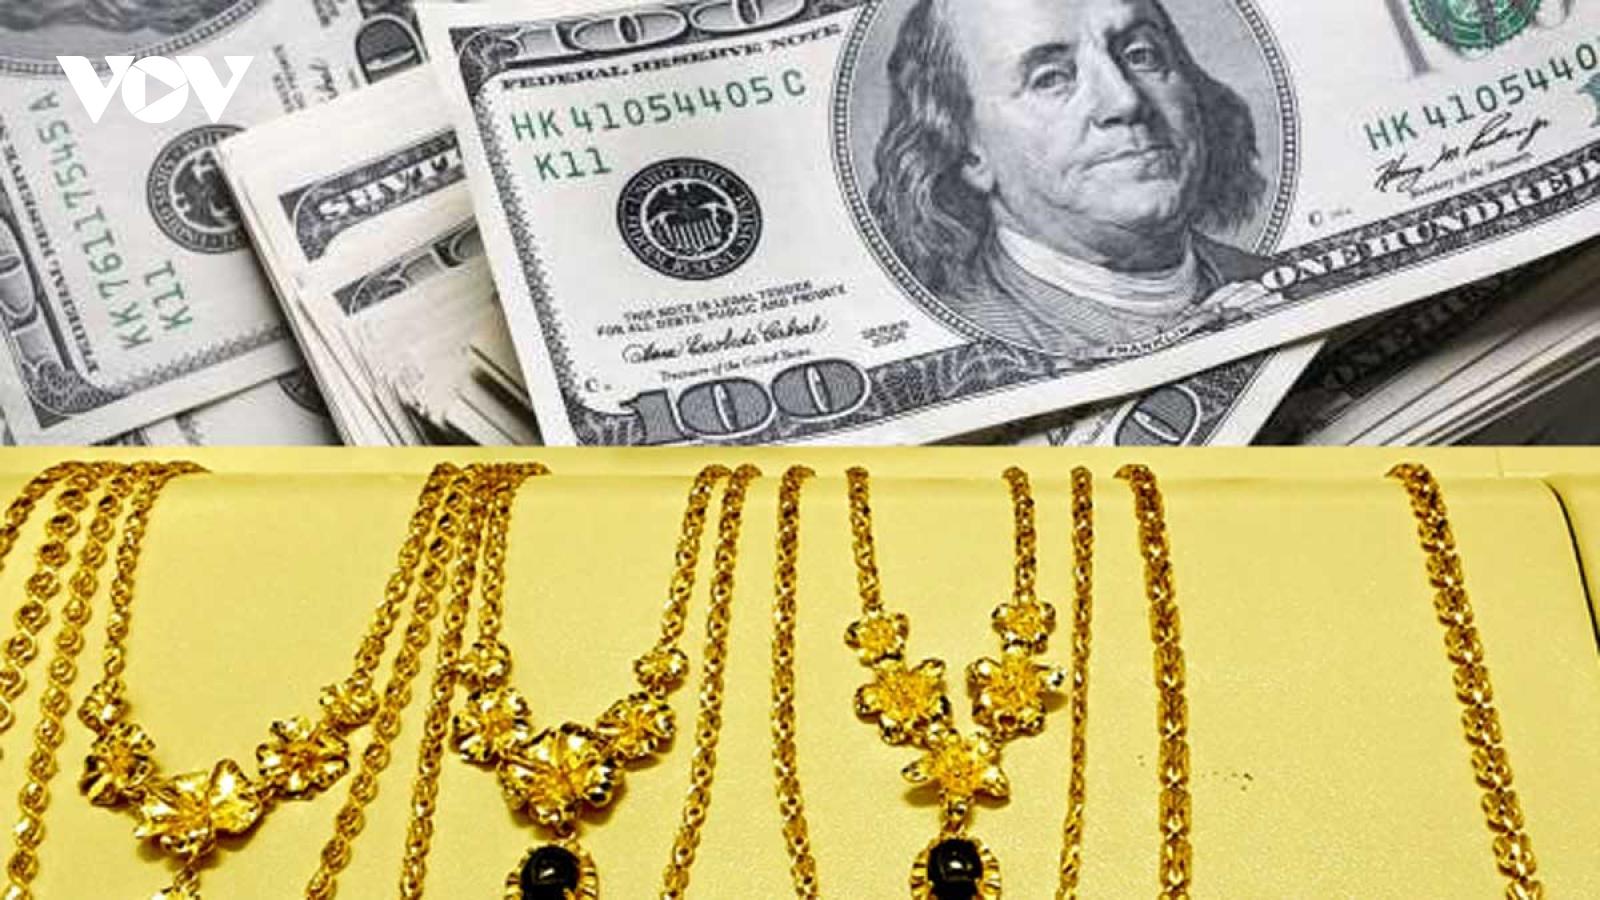 Giá vàng, tỷ giá tăng đồng loạt trong phiên giao dịch đầu tuần